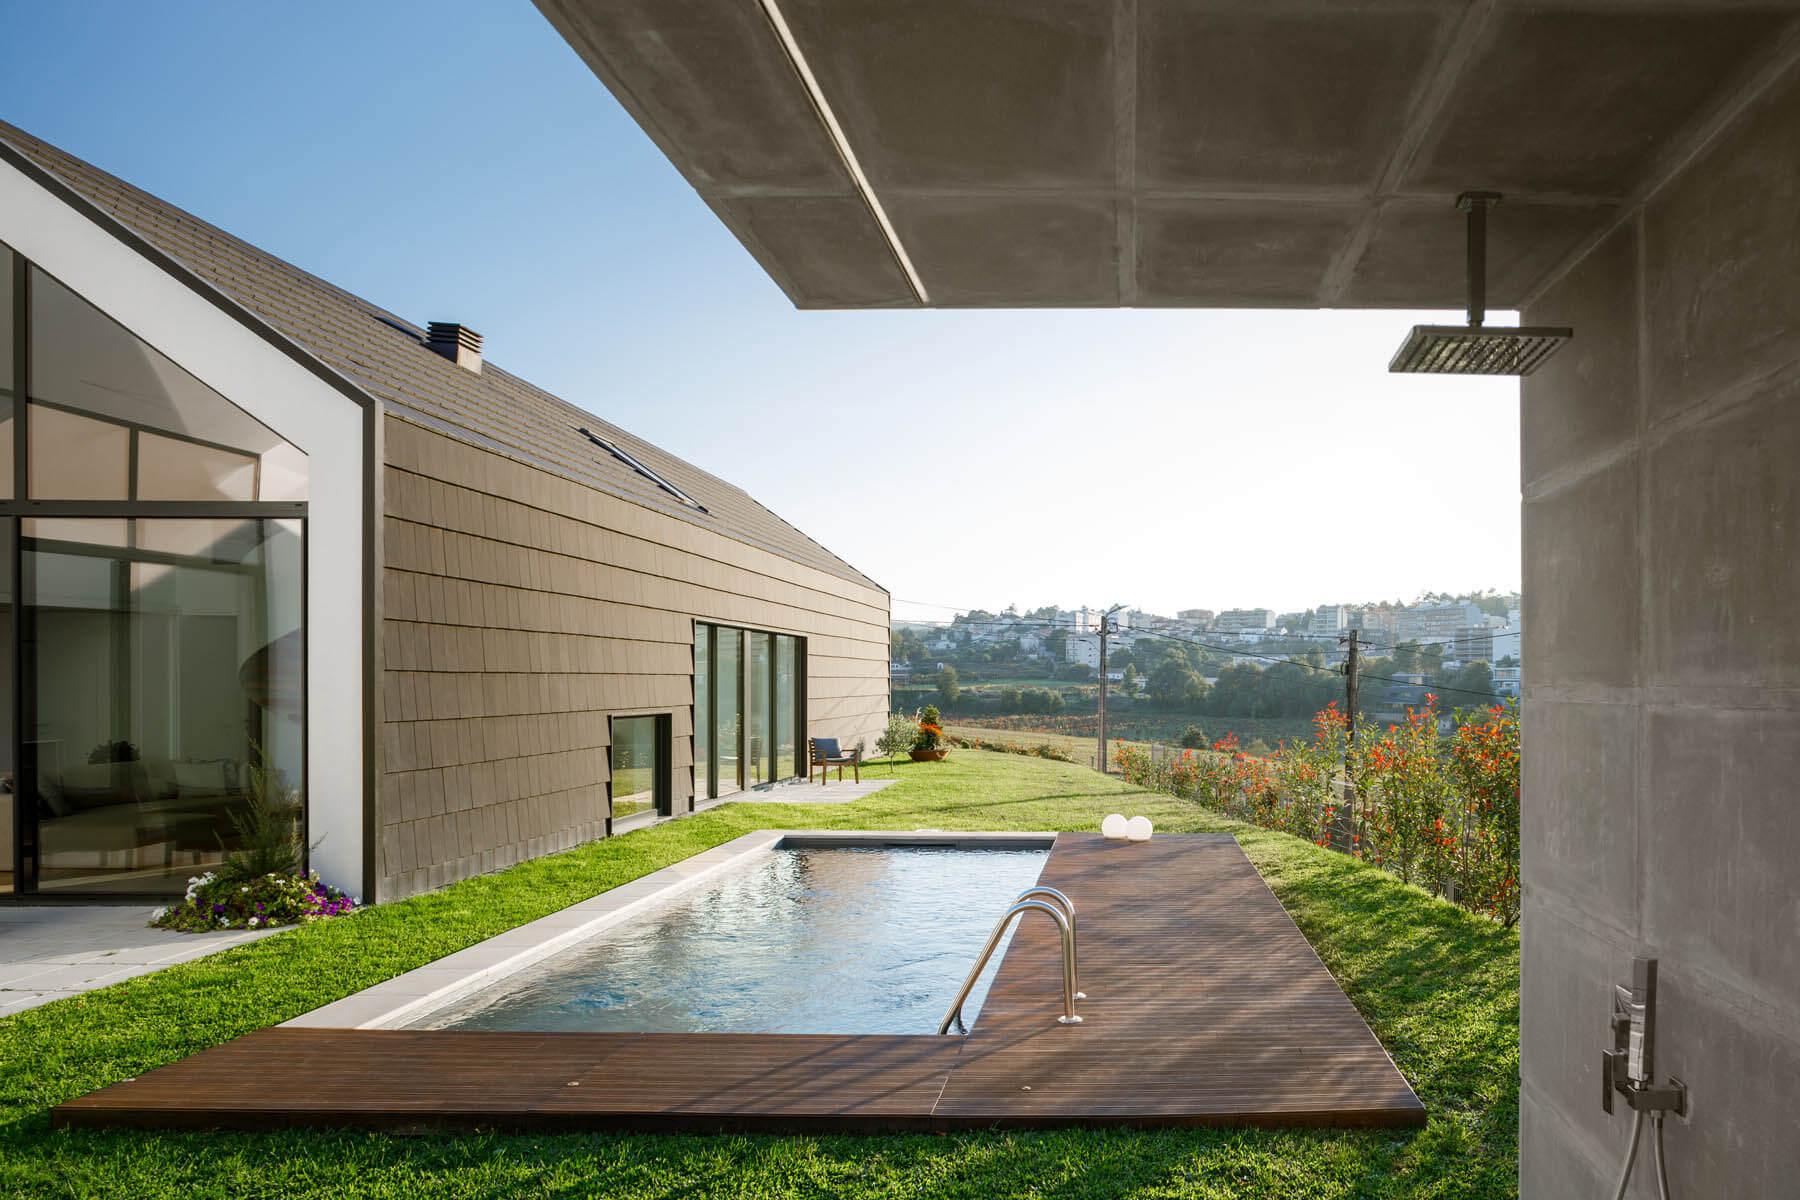 Casa em St Tirso do atelier de arquitectura Hous3 e com fotografias do fotógrafo Ivo Tavares studio